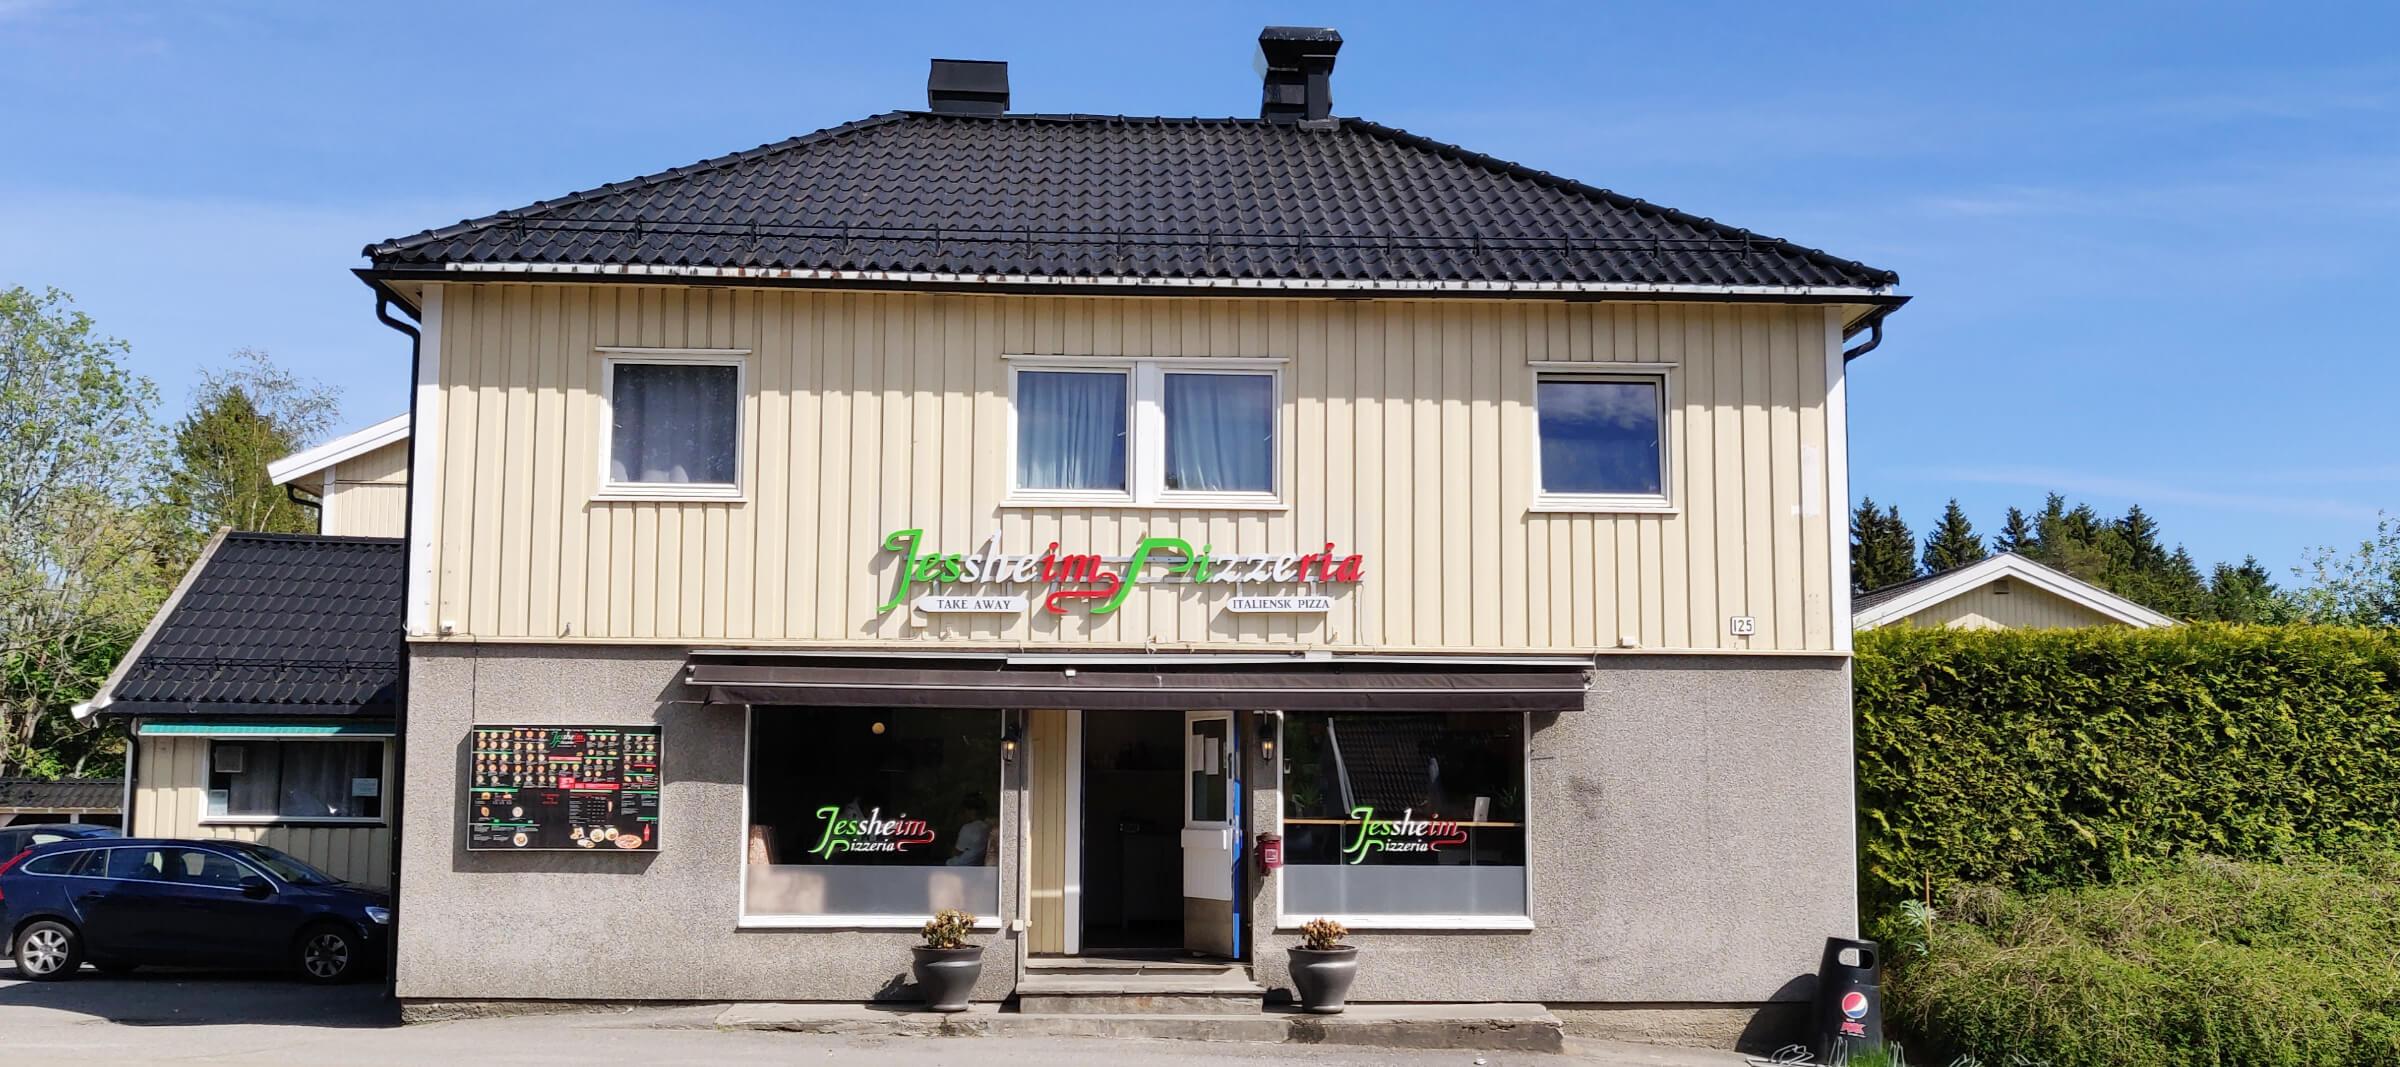 Jessheim Pizzeria